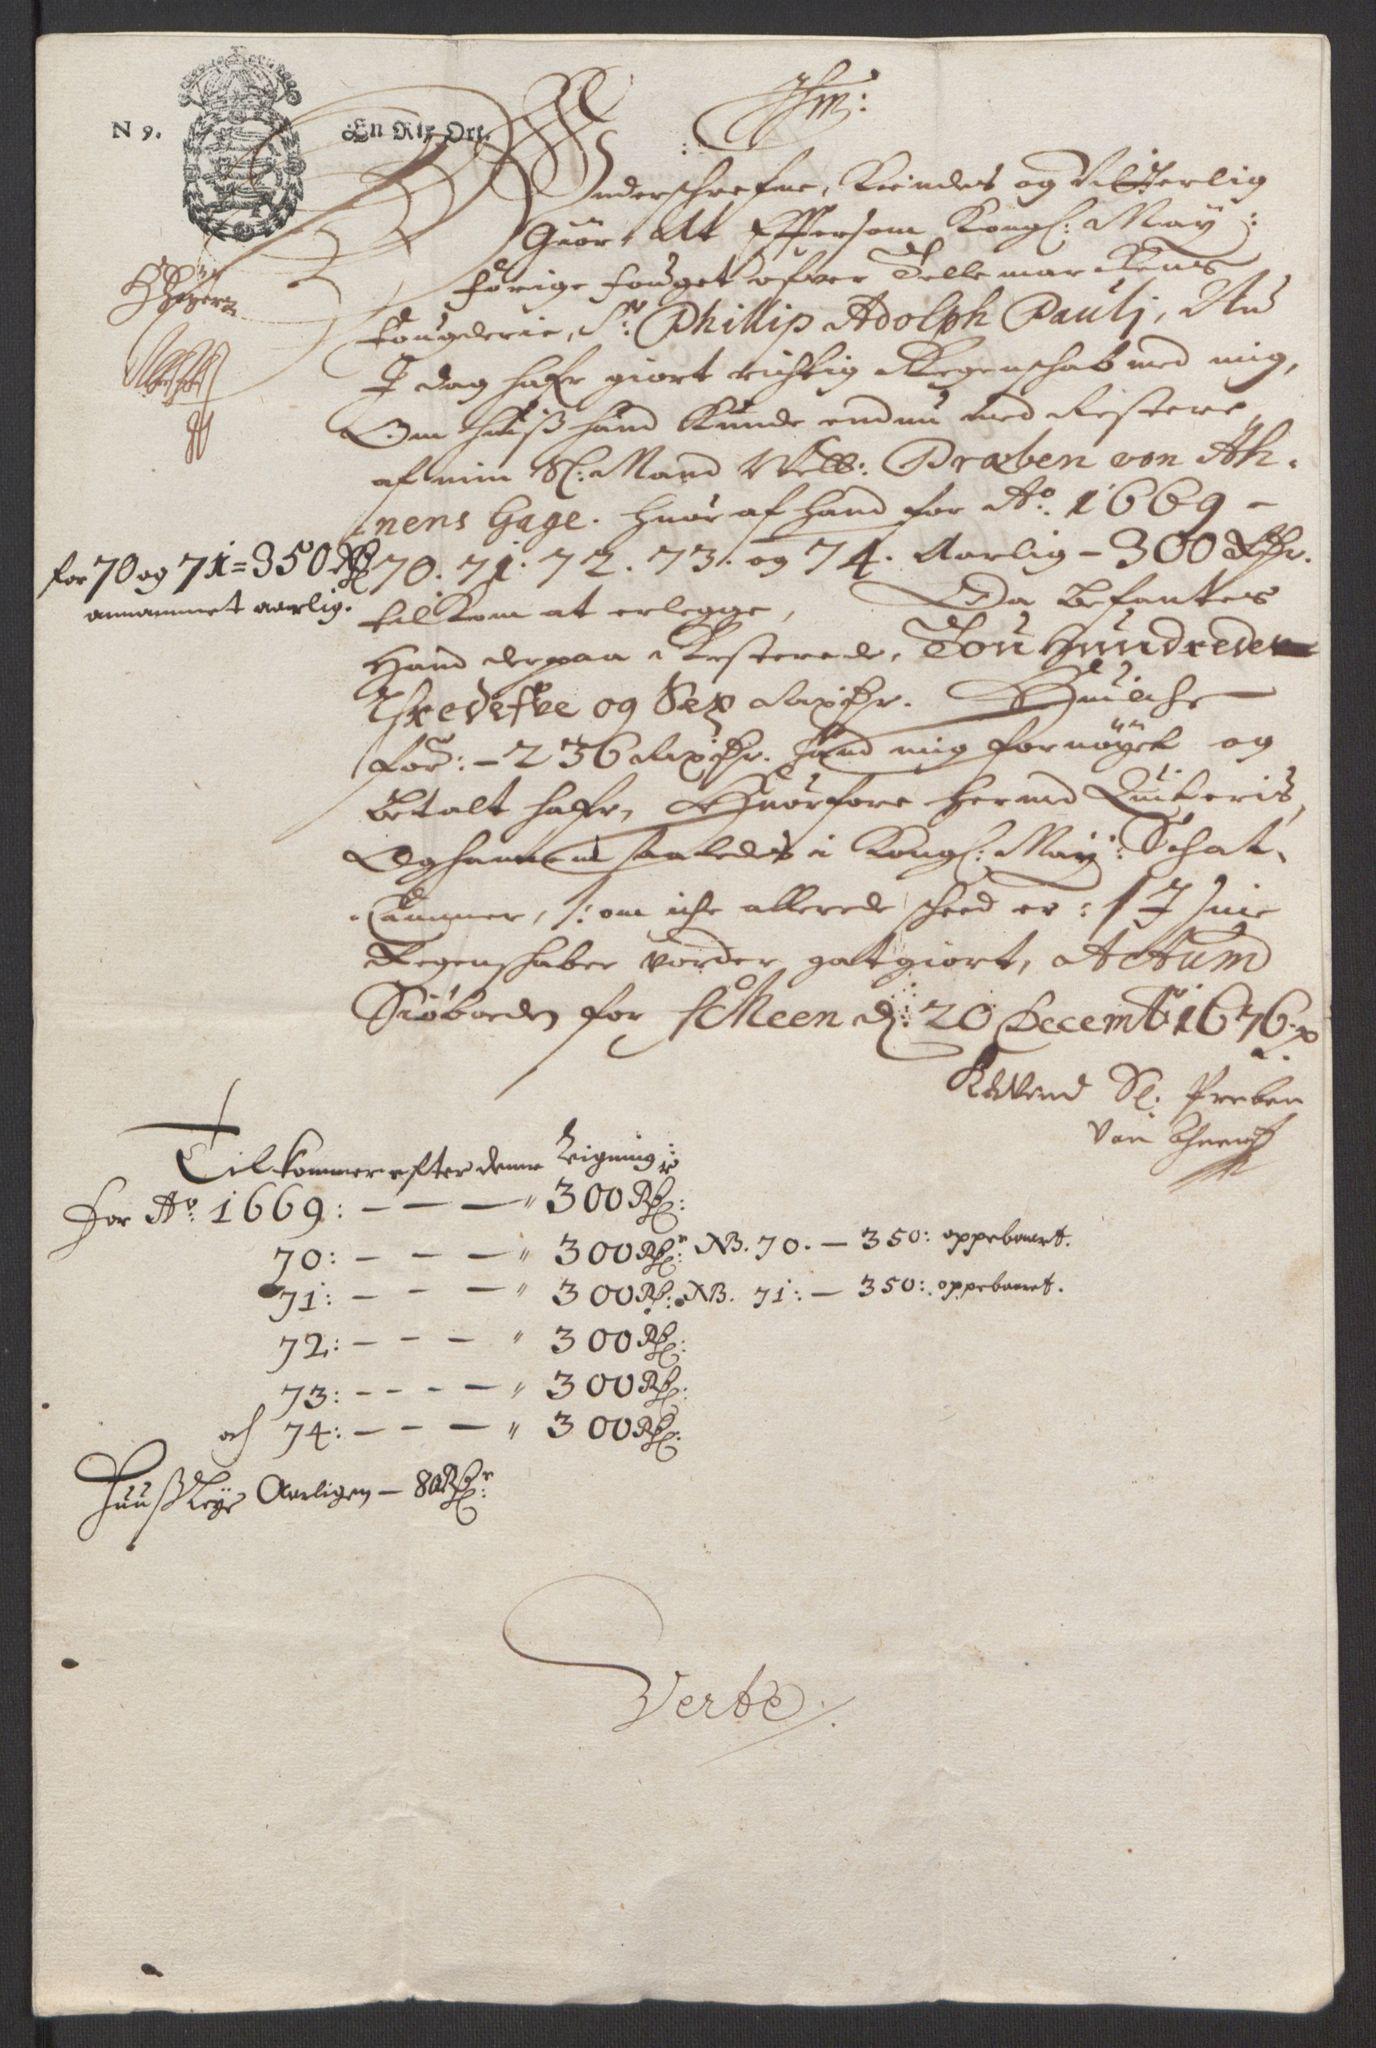 RA, Rentekammeret inntil 1814, Reviderte regnskaper, Fogderegnskap, R35/L2061: Fogderegnskap Øvre og Nedre Telemark, 1673-1674, s. 223